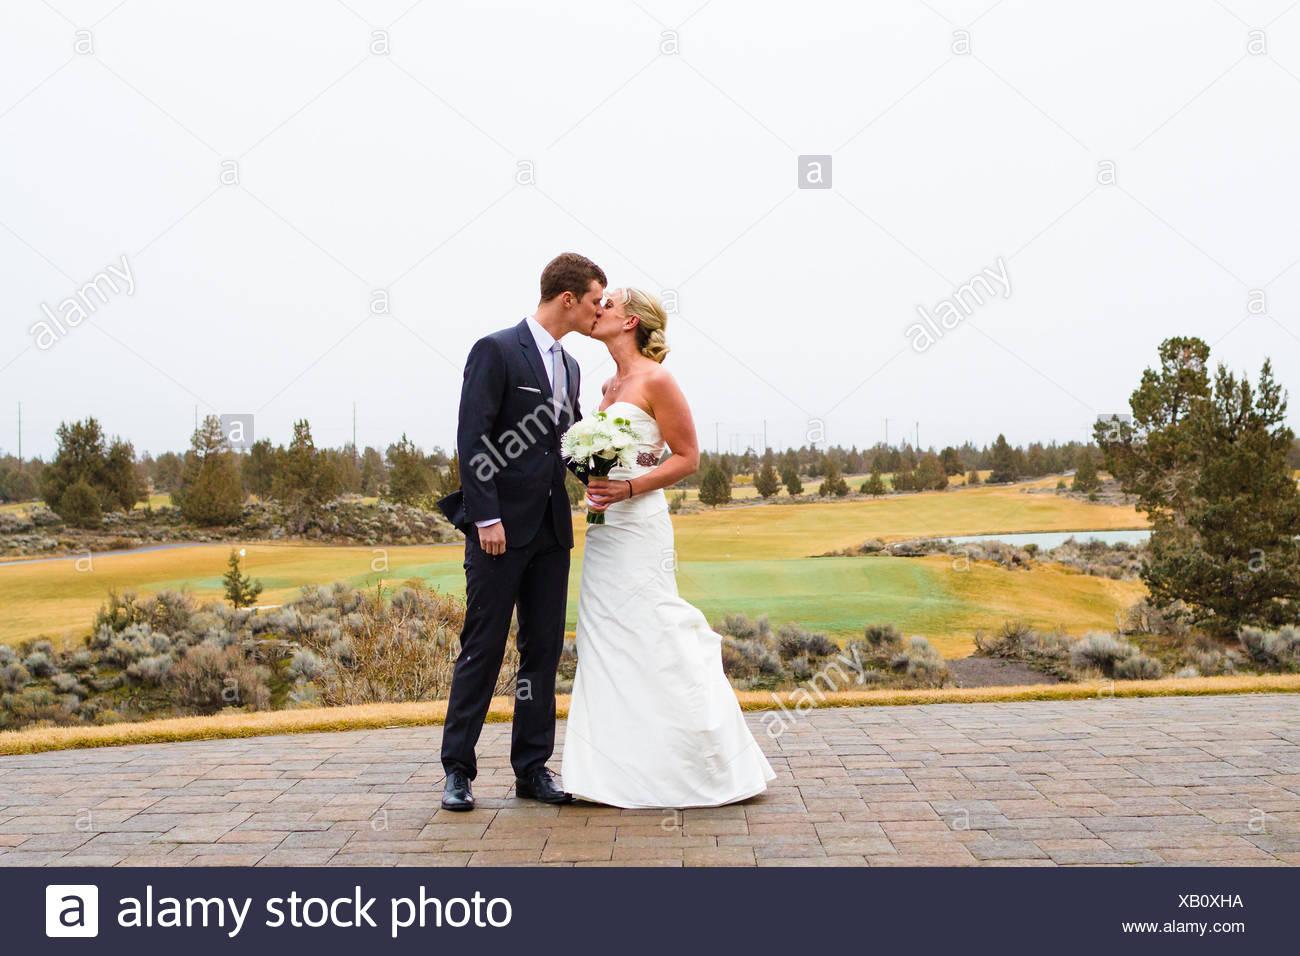 Bride and groom kissing on wedding day, Oregon, America, USA - Stock Image